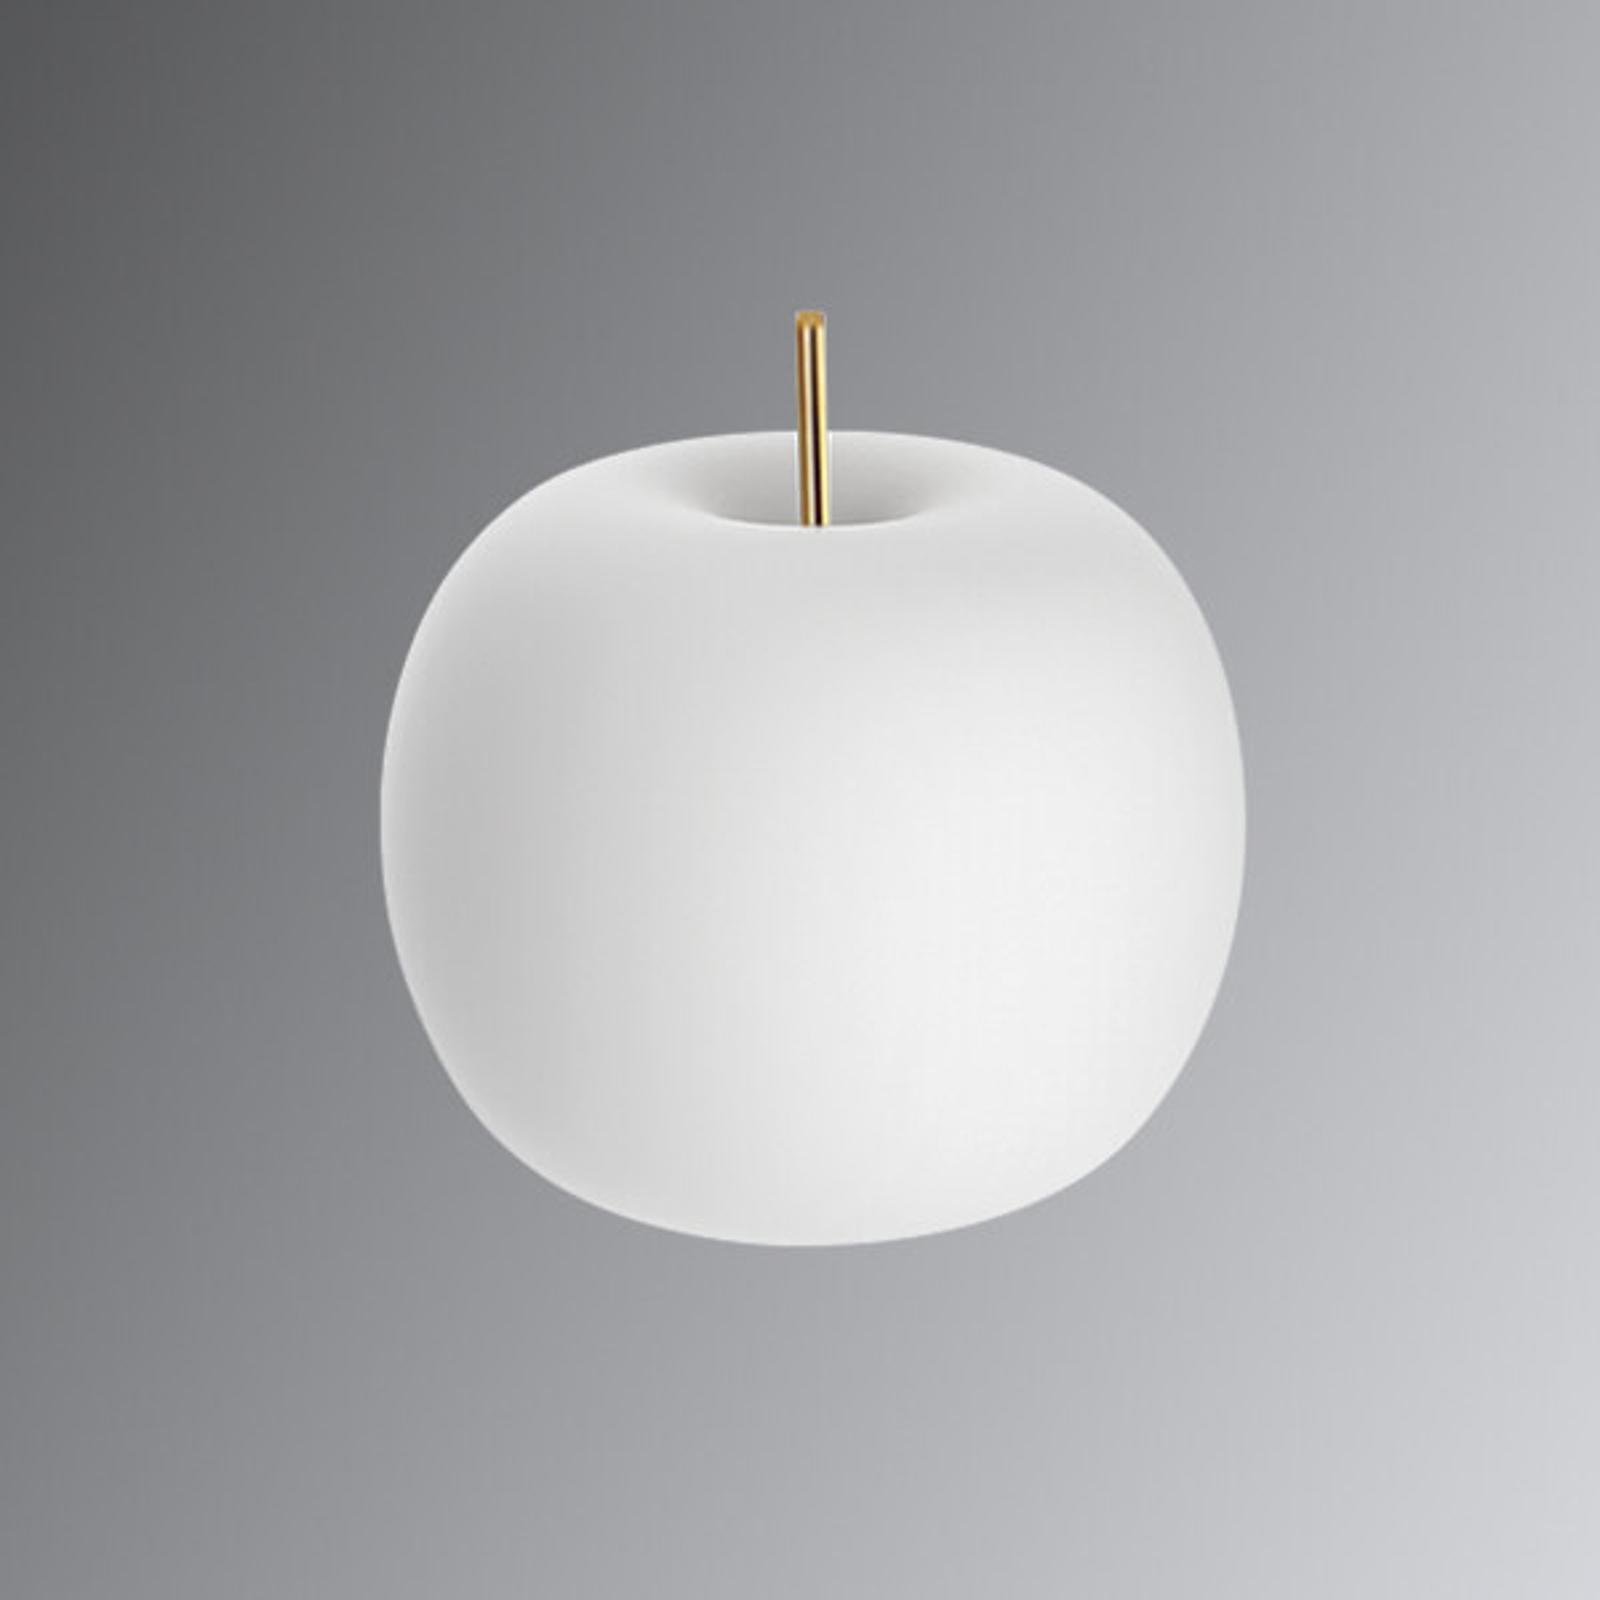 Kundalini Kushi - LED tafellamp messing 33cm